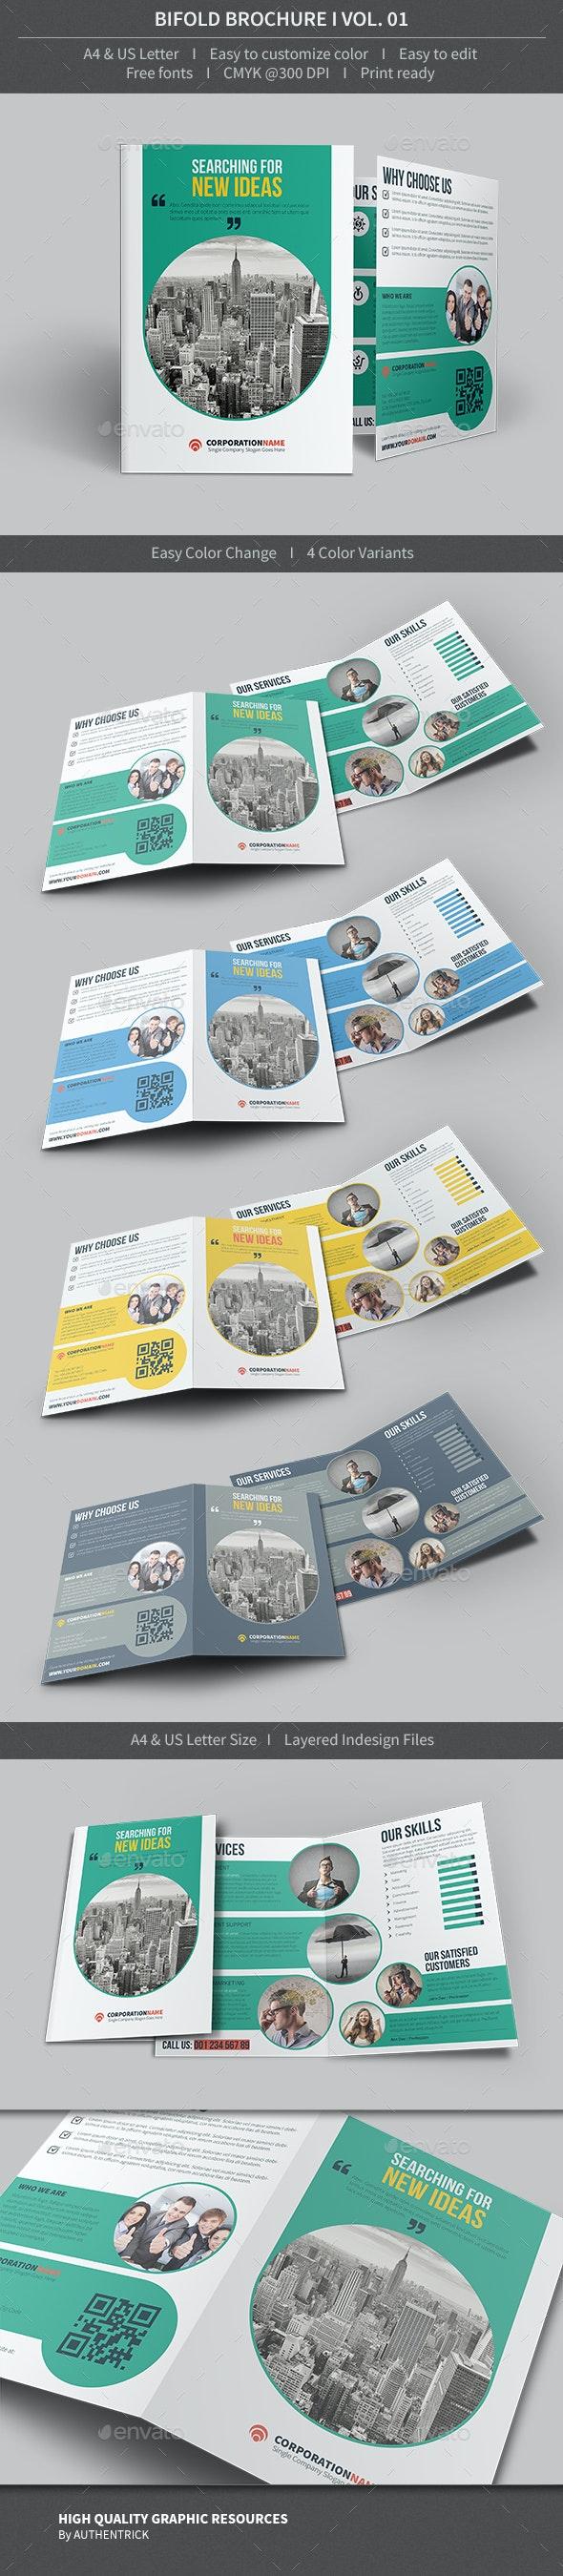 Bifold Brochure - Volume 01 - Corporate Brochures